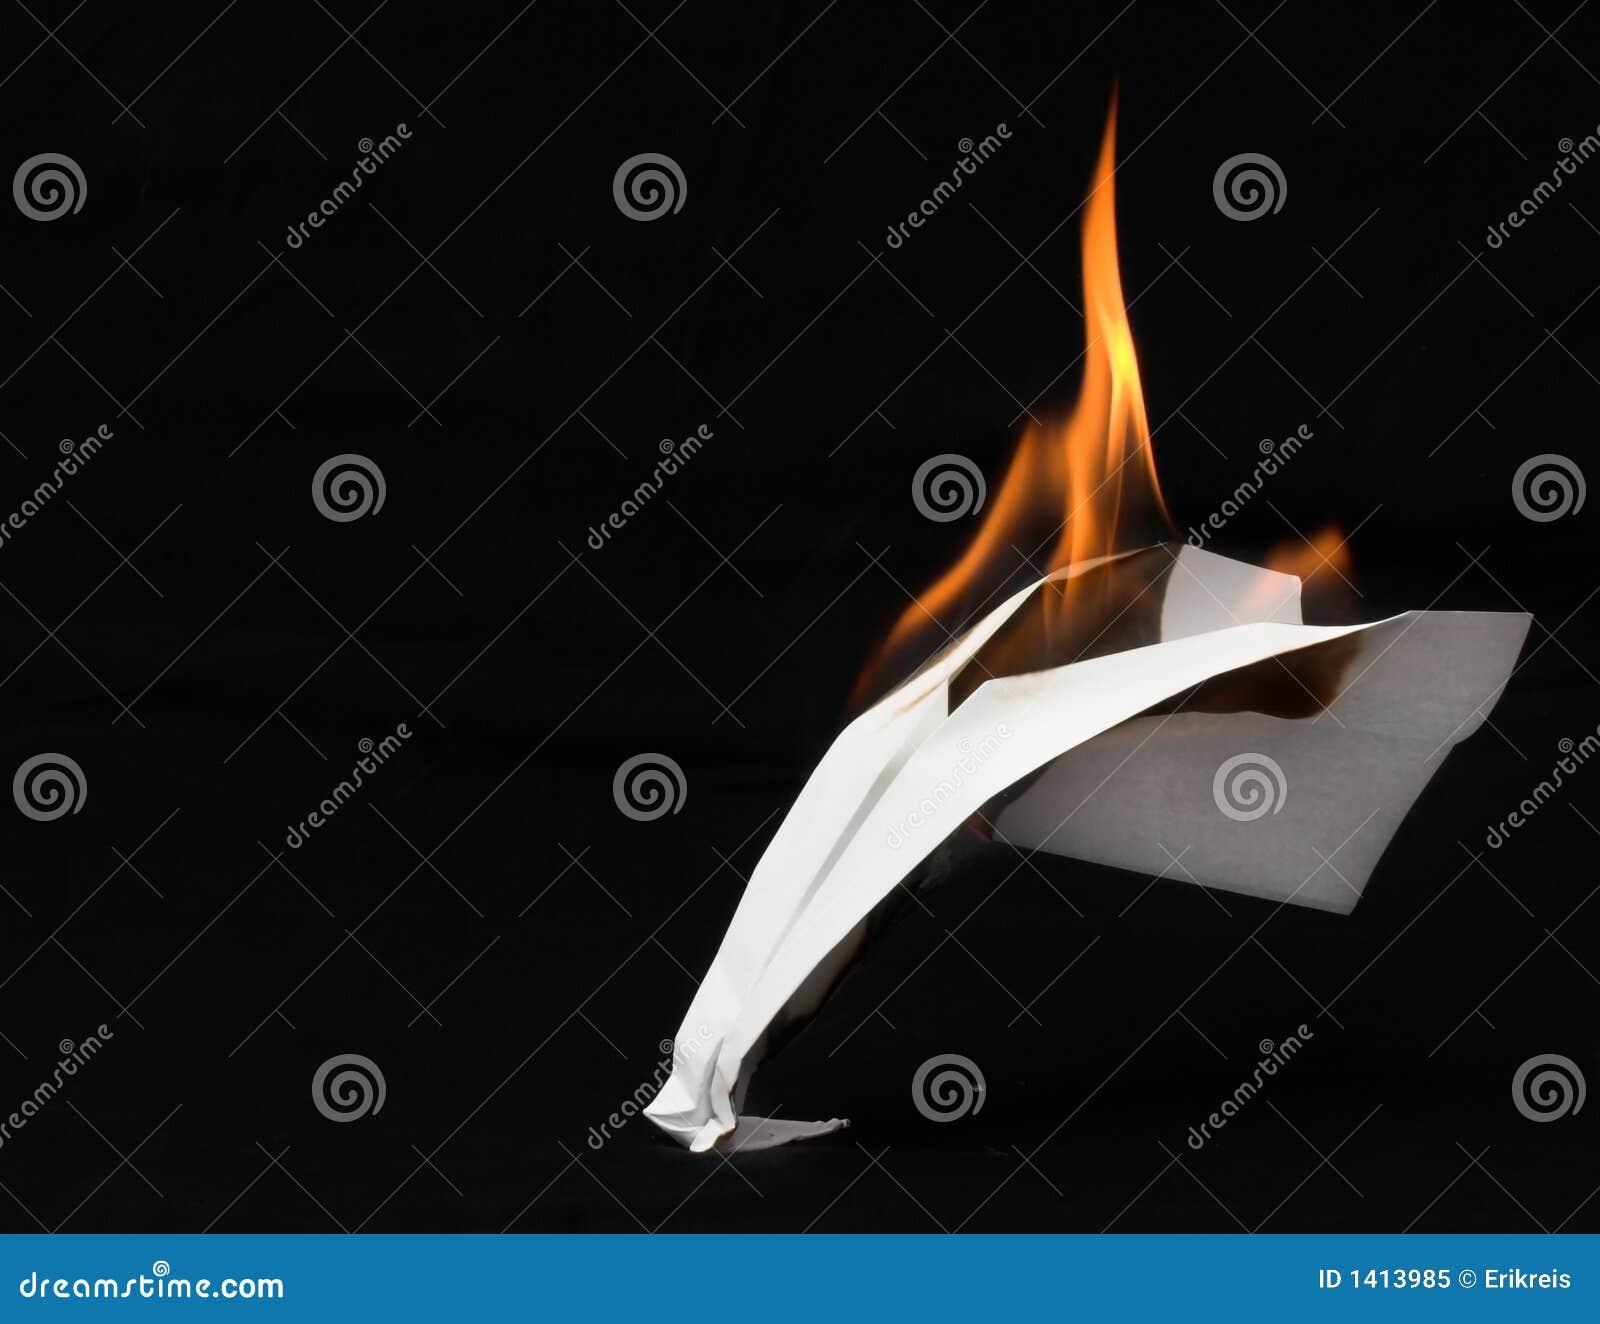 Avion en flammes